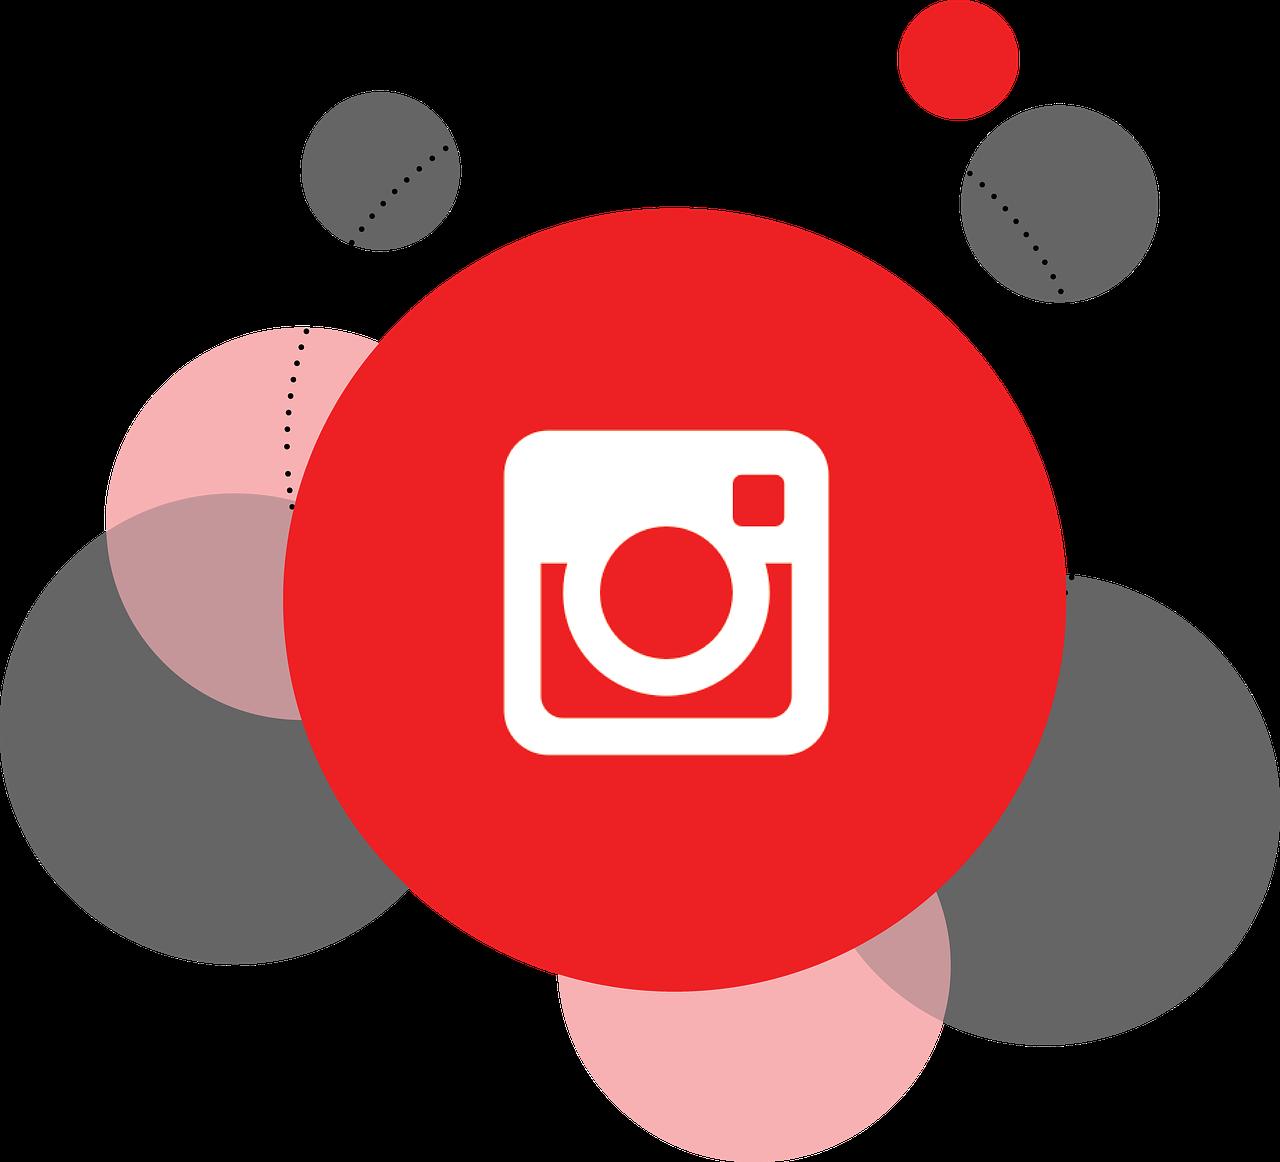 La importancia de Instagram para las marcas